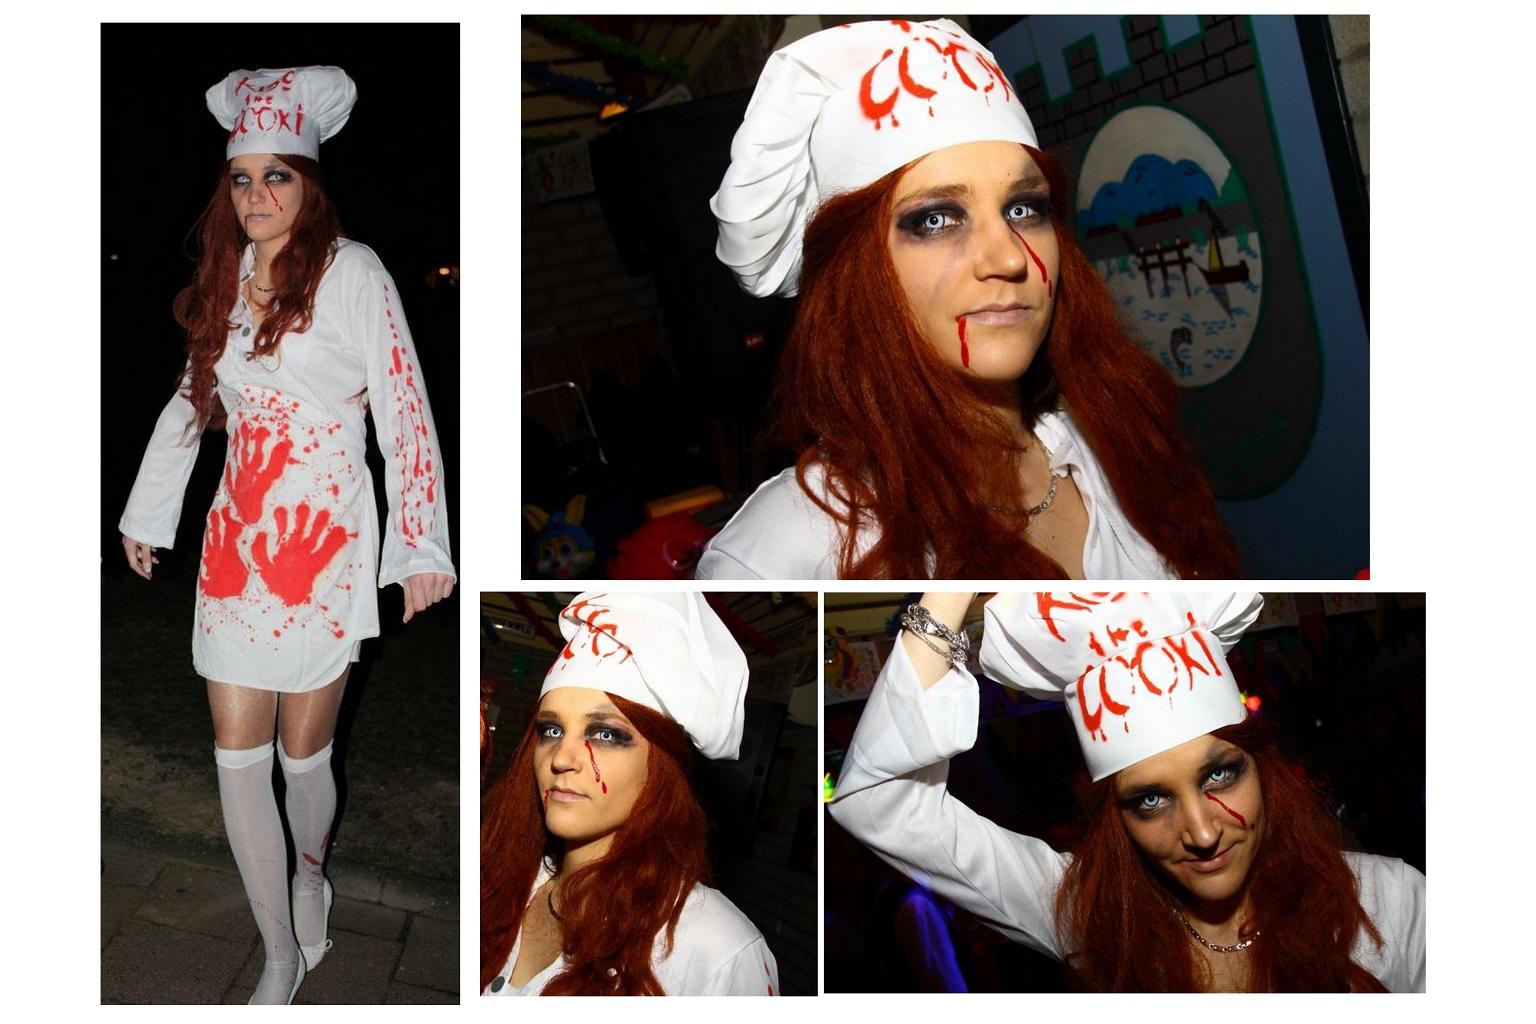 Halloween Kleding Maken.Eenvoudig Halloween Kostuum Maken Kjr23 Agneswamu